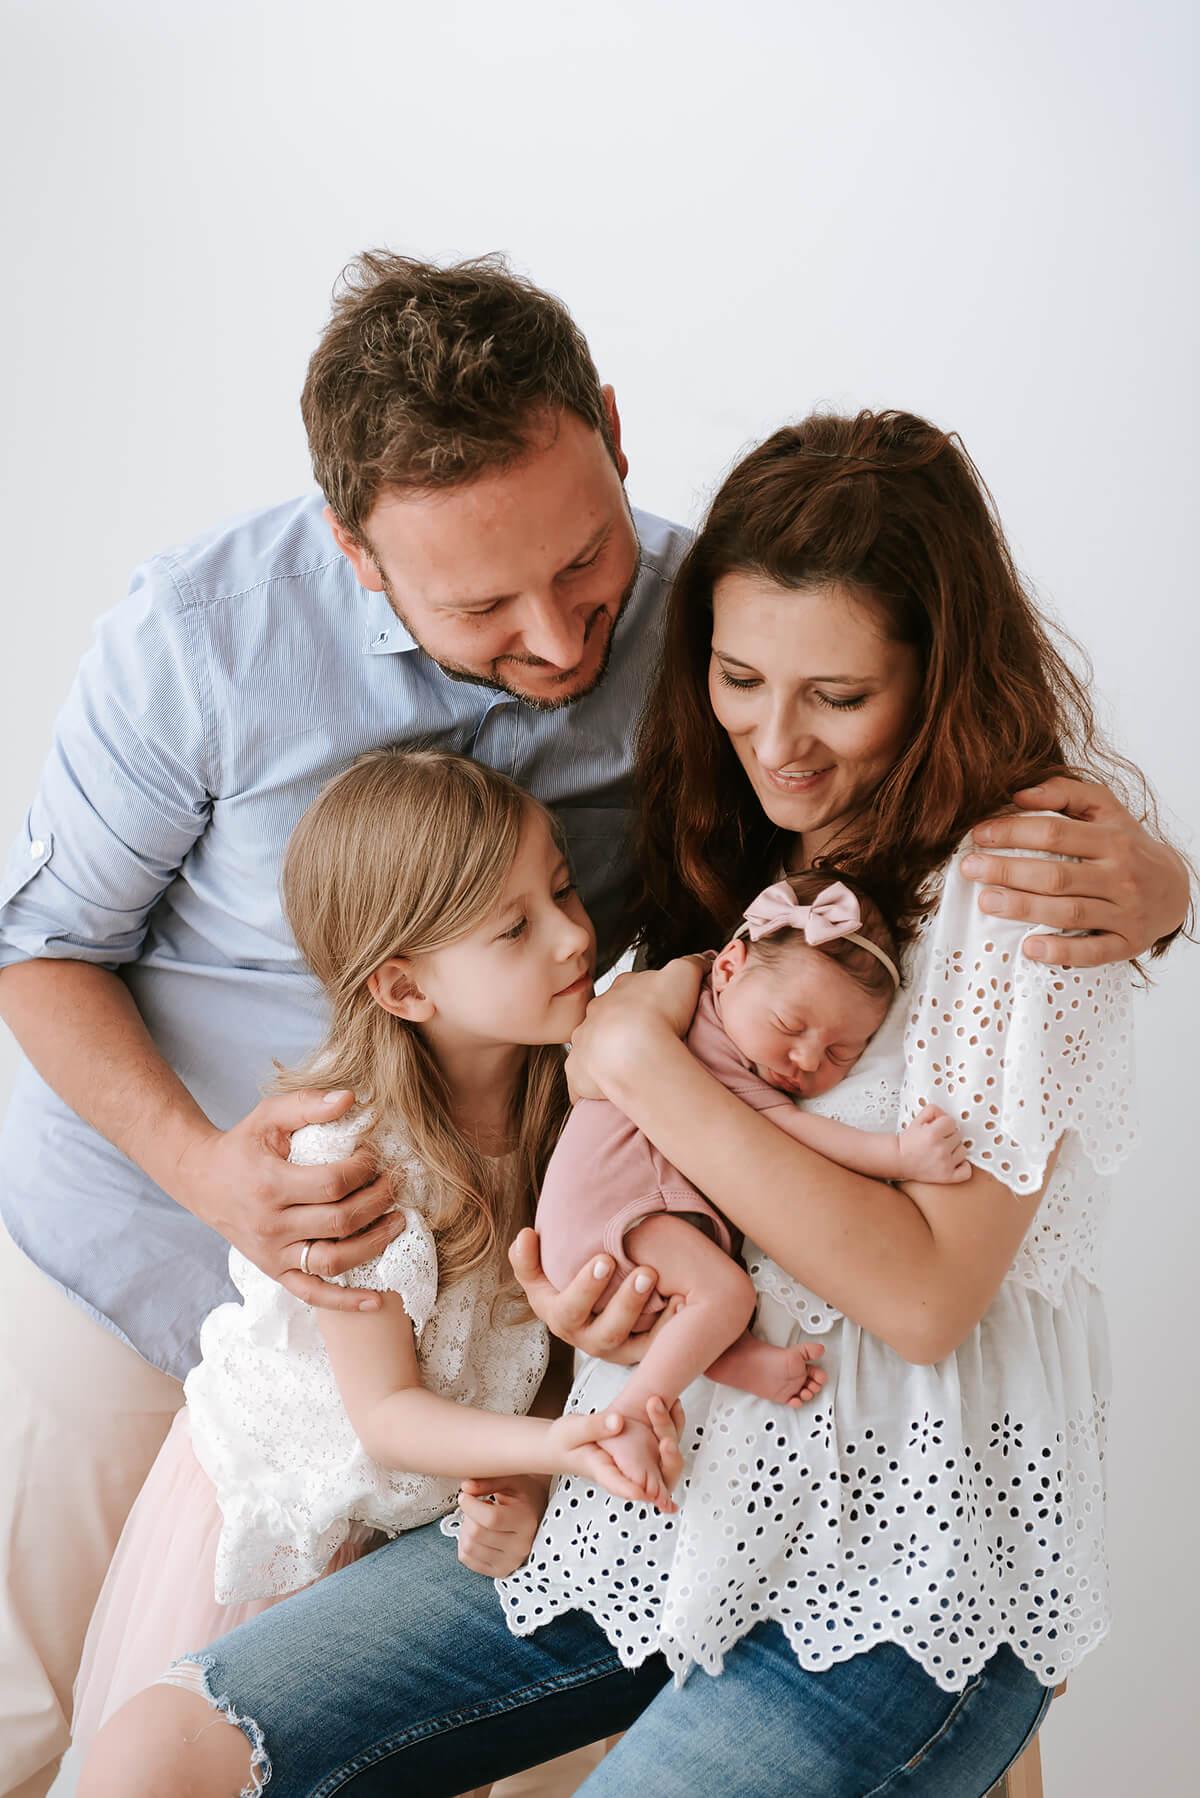 Sesja noworodka w studio fotograficznym